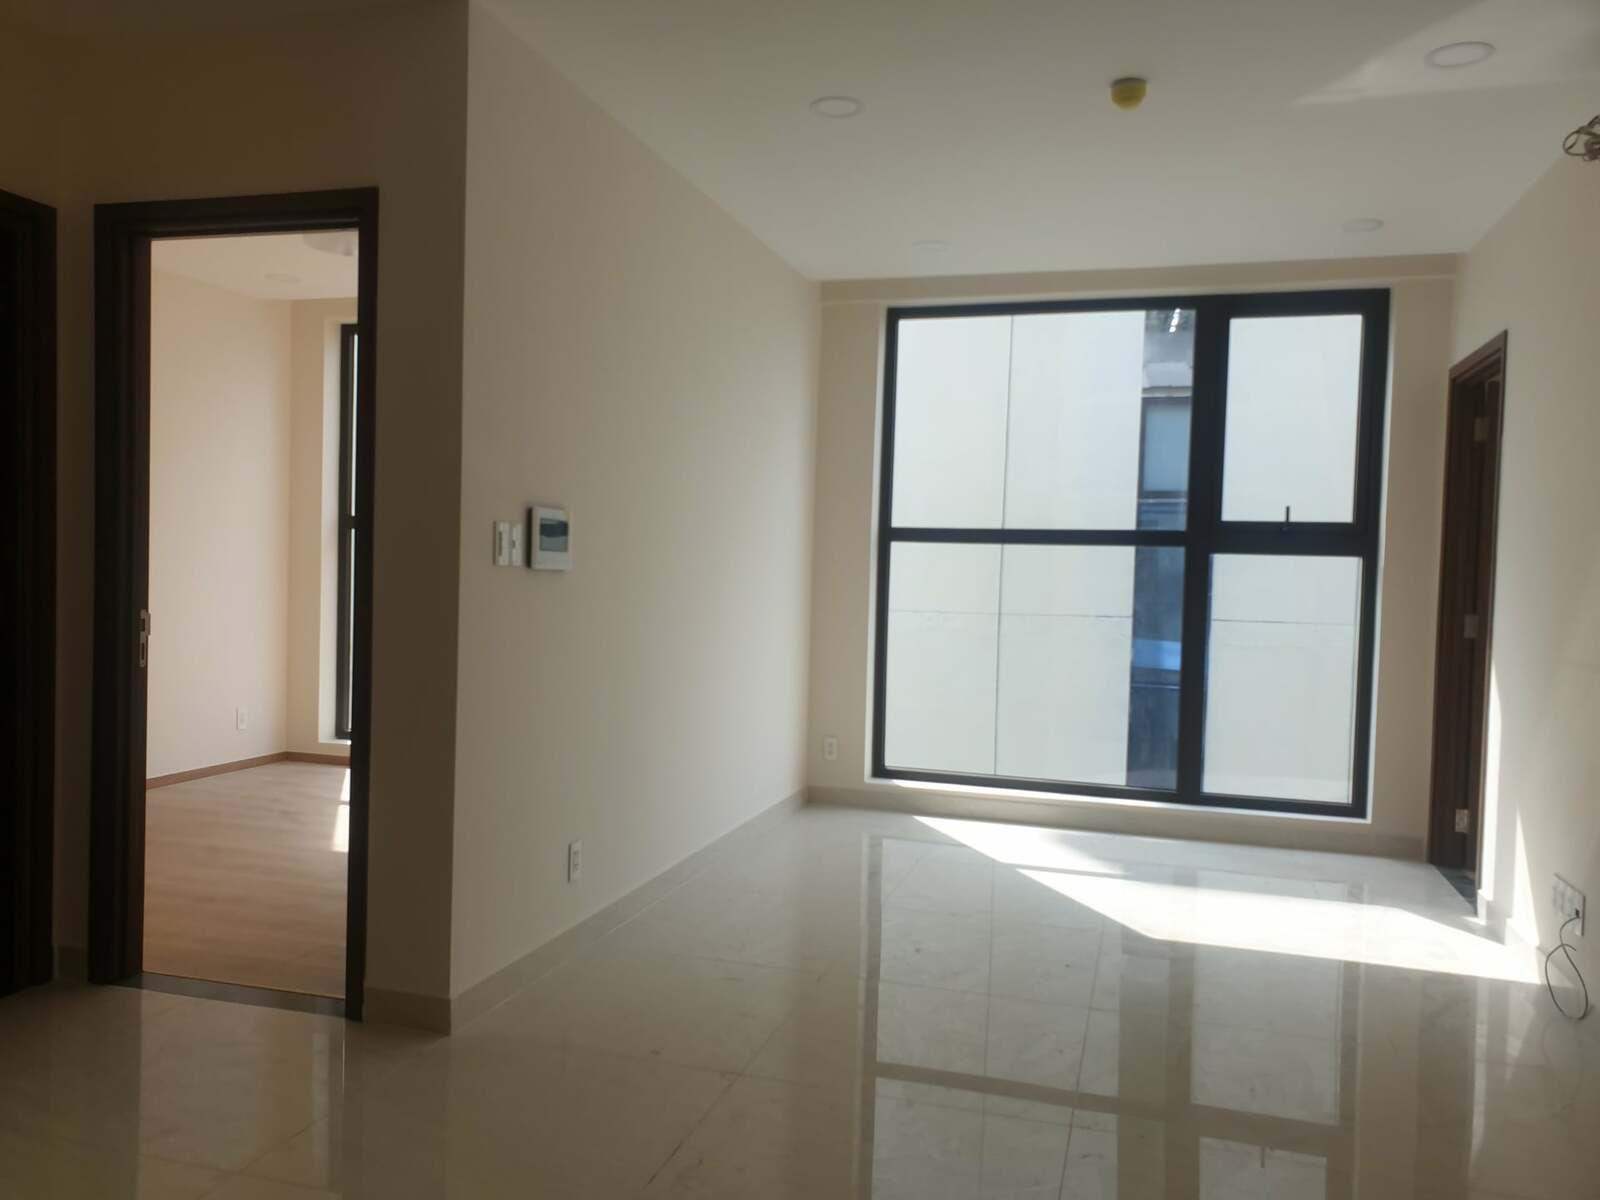 Cho thuê căn hộ Park Legend Hoàng Văn Thụ, 2 phòng ngủ - 3 phòng ngủ từ 13 triệu